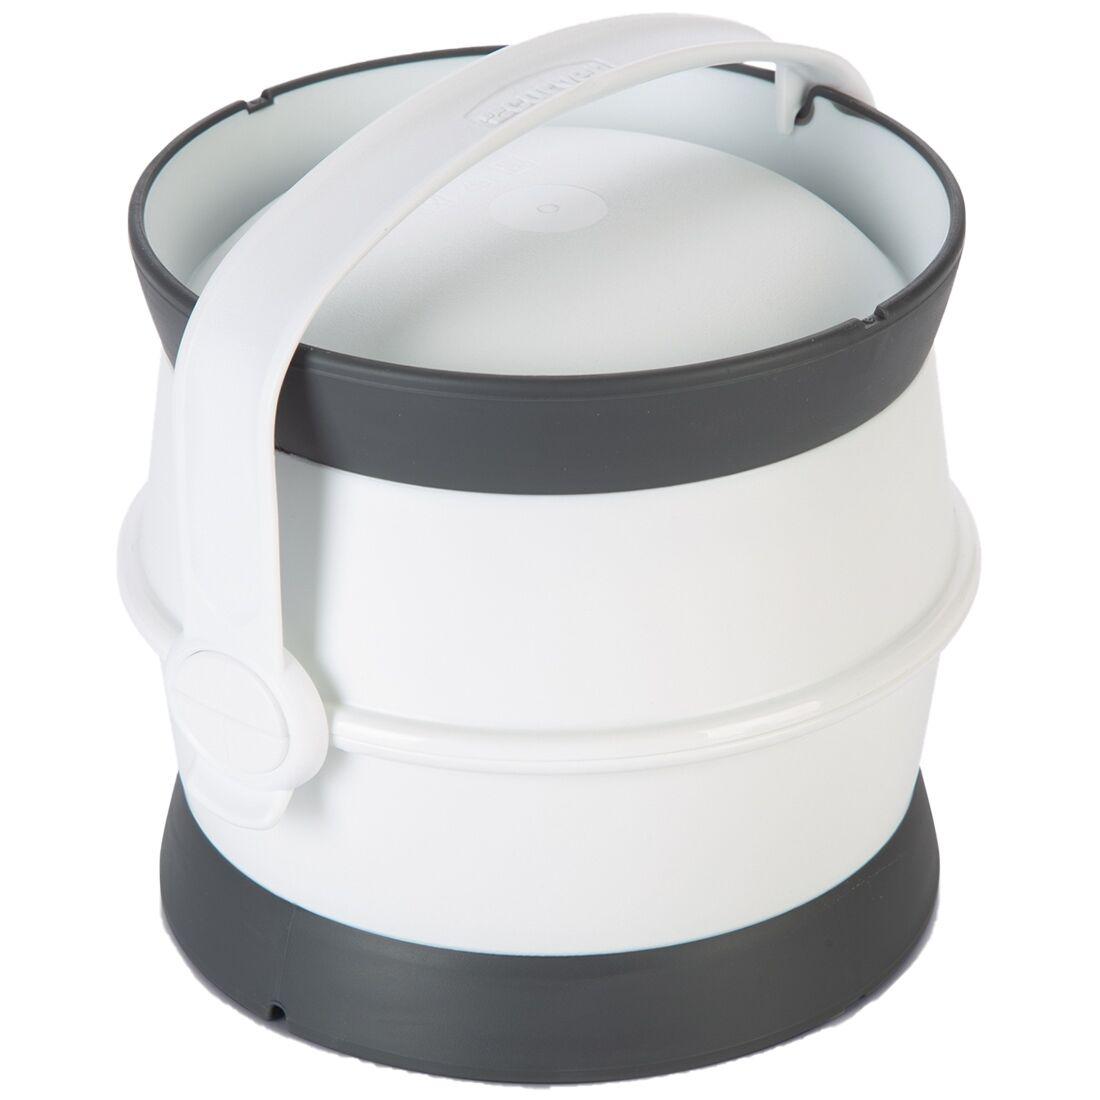 Curver Kit de voyage pour chien et chat CURVER Couleur : Blanc / Anthracite